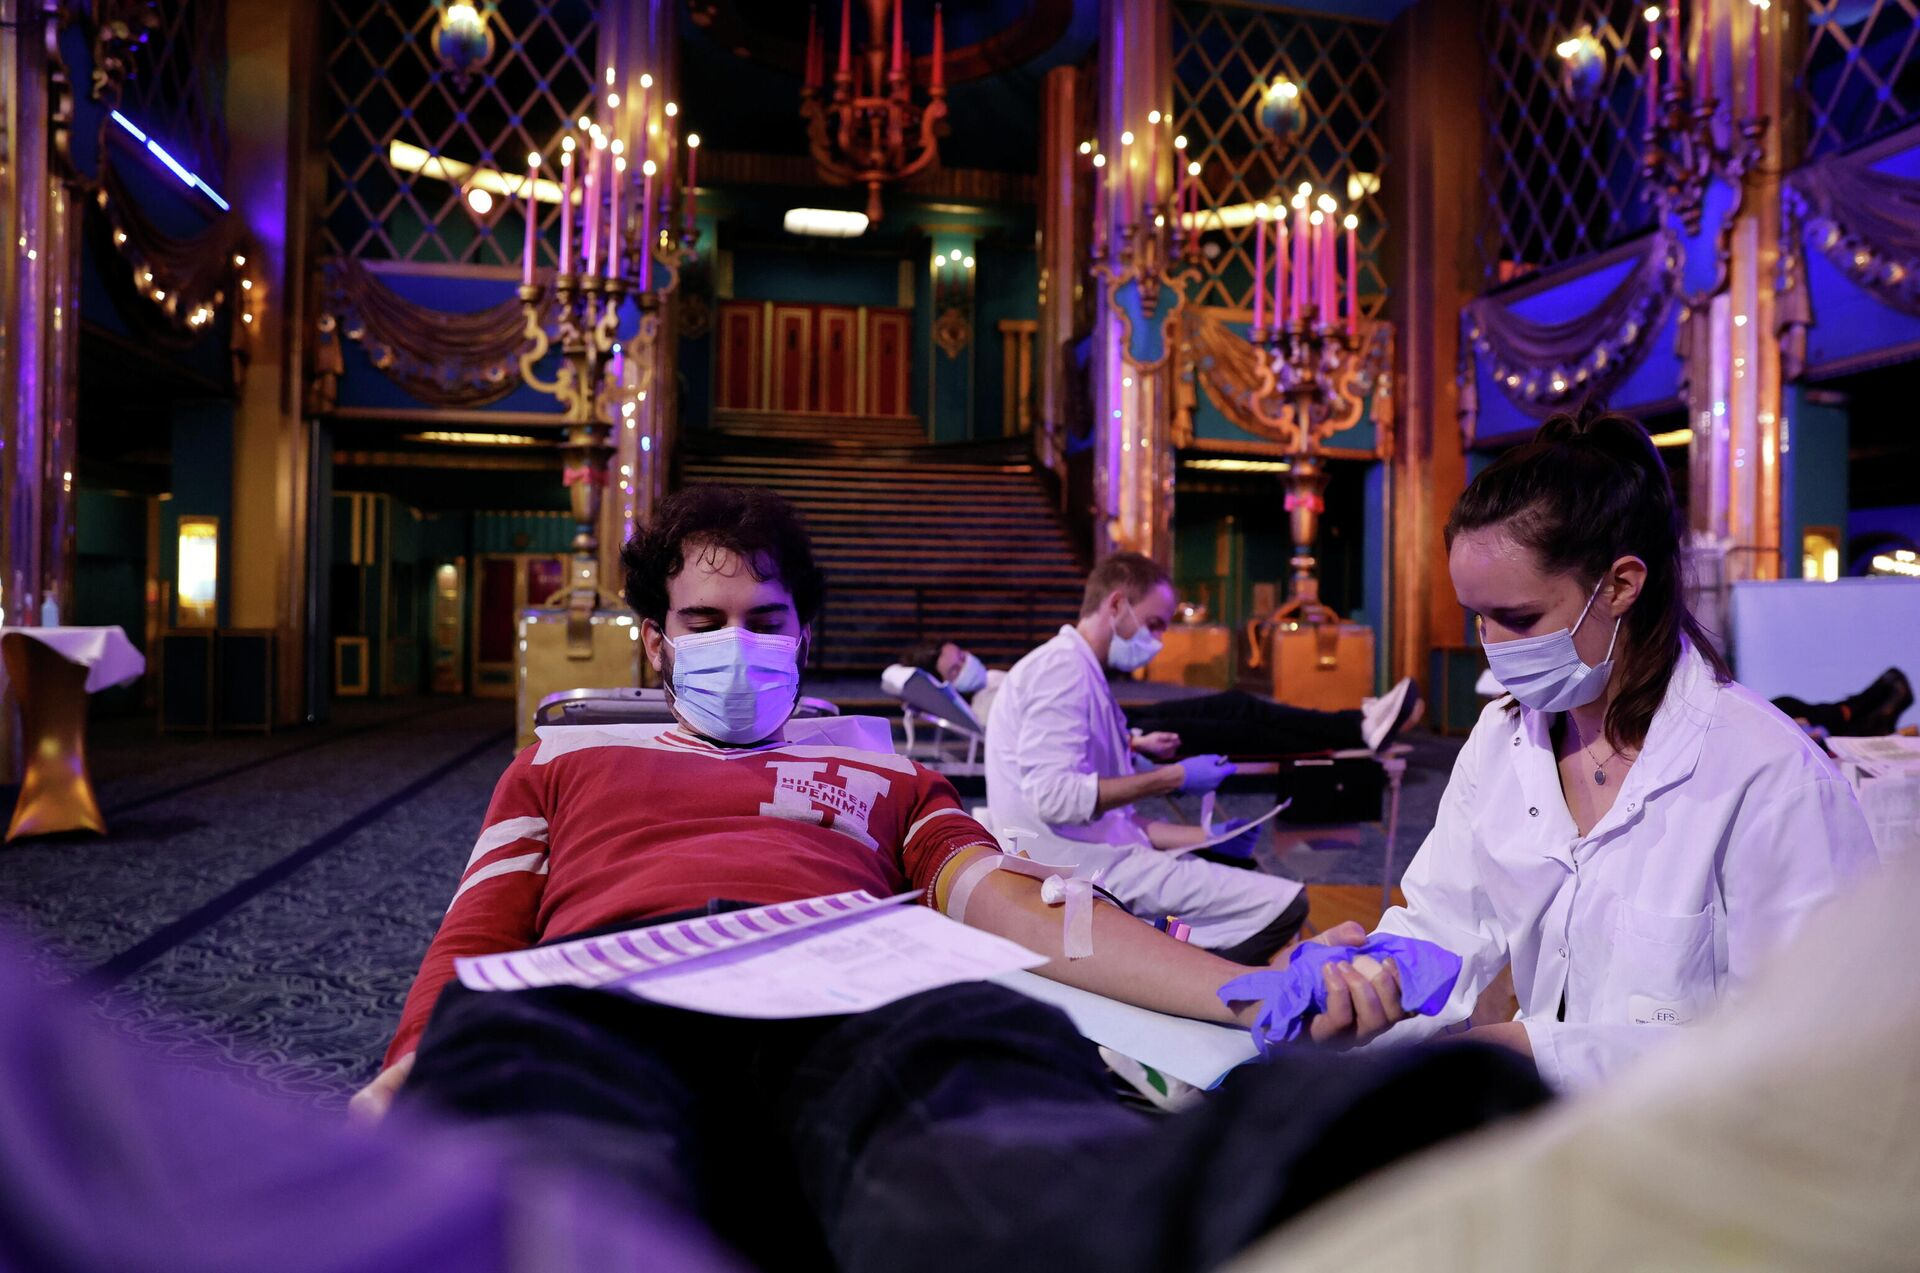 Люди сдают кровь в холле закрытого театра Фоли-Бержер в Париже - РИА Новости, 1920, 11.12.2020